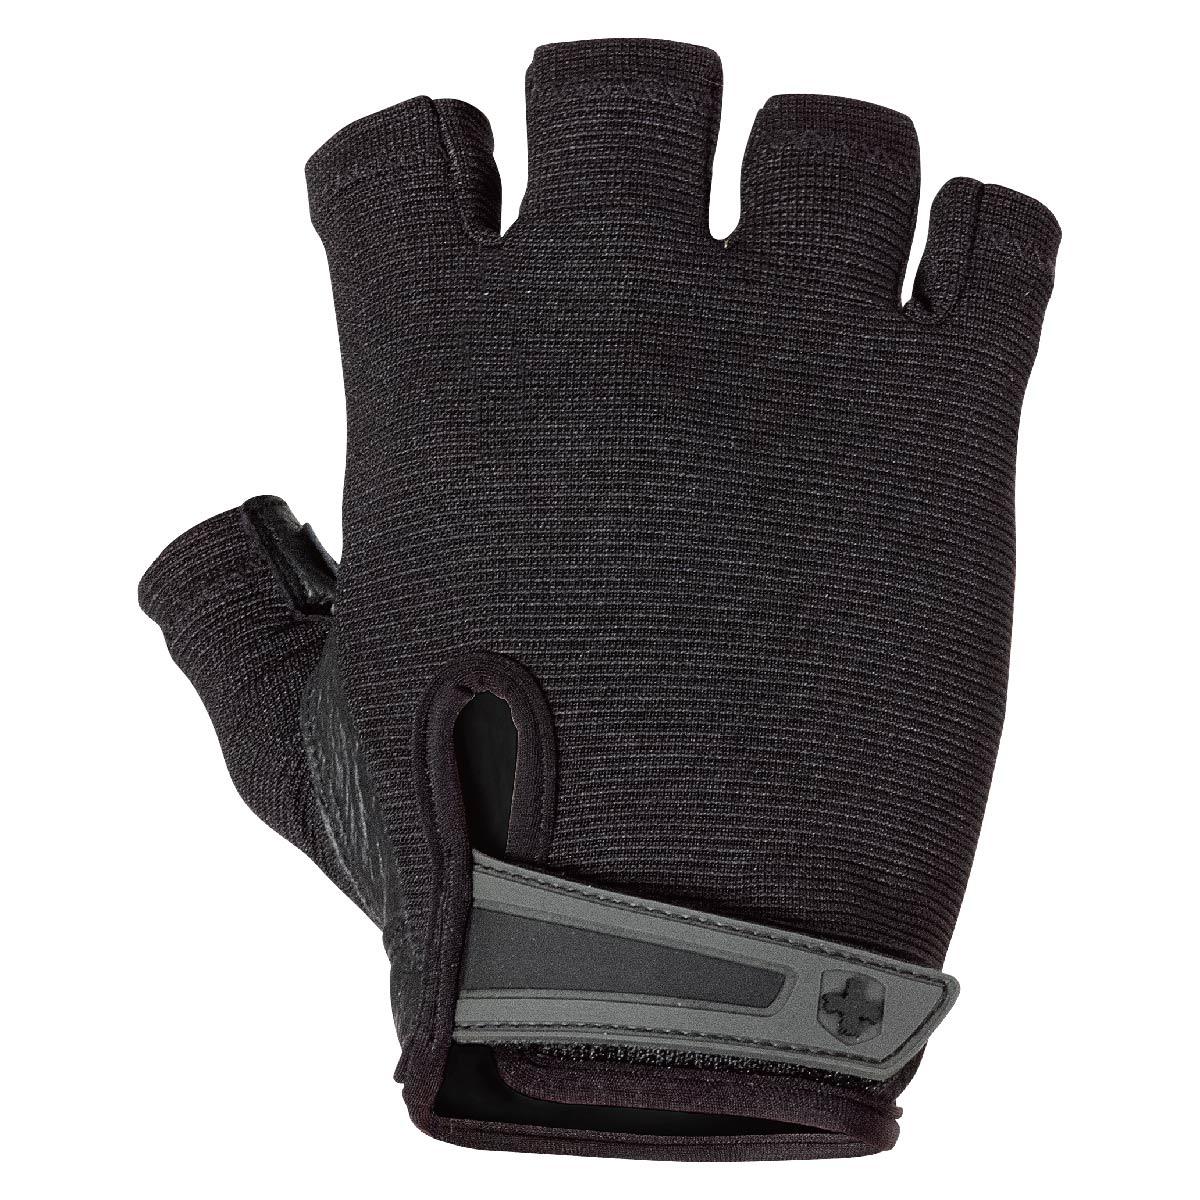 ハービンジャー パワーグローブ 男性用 harbinger power gloves mens